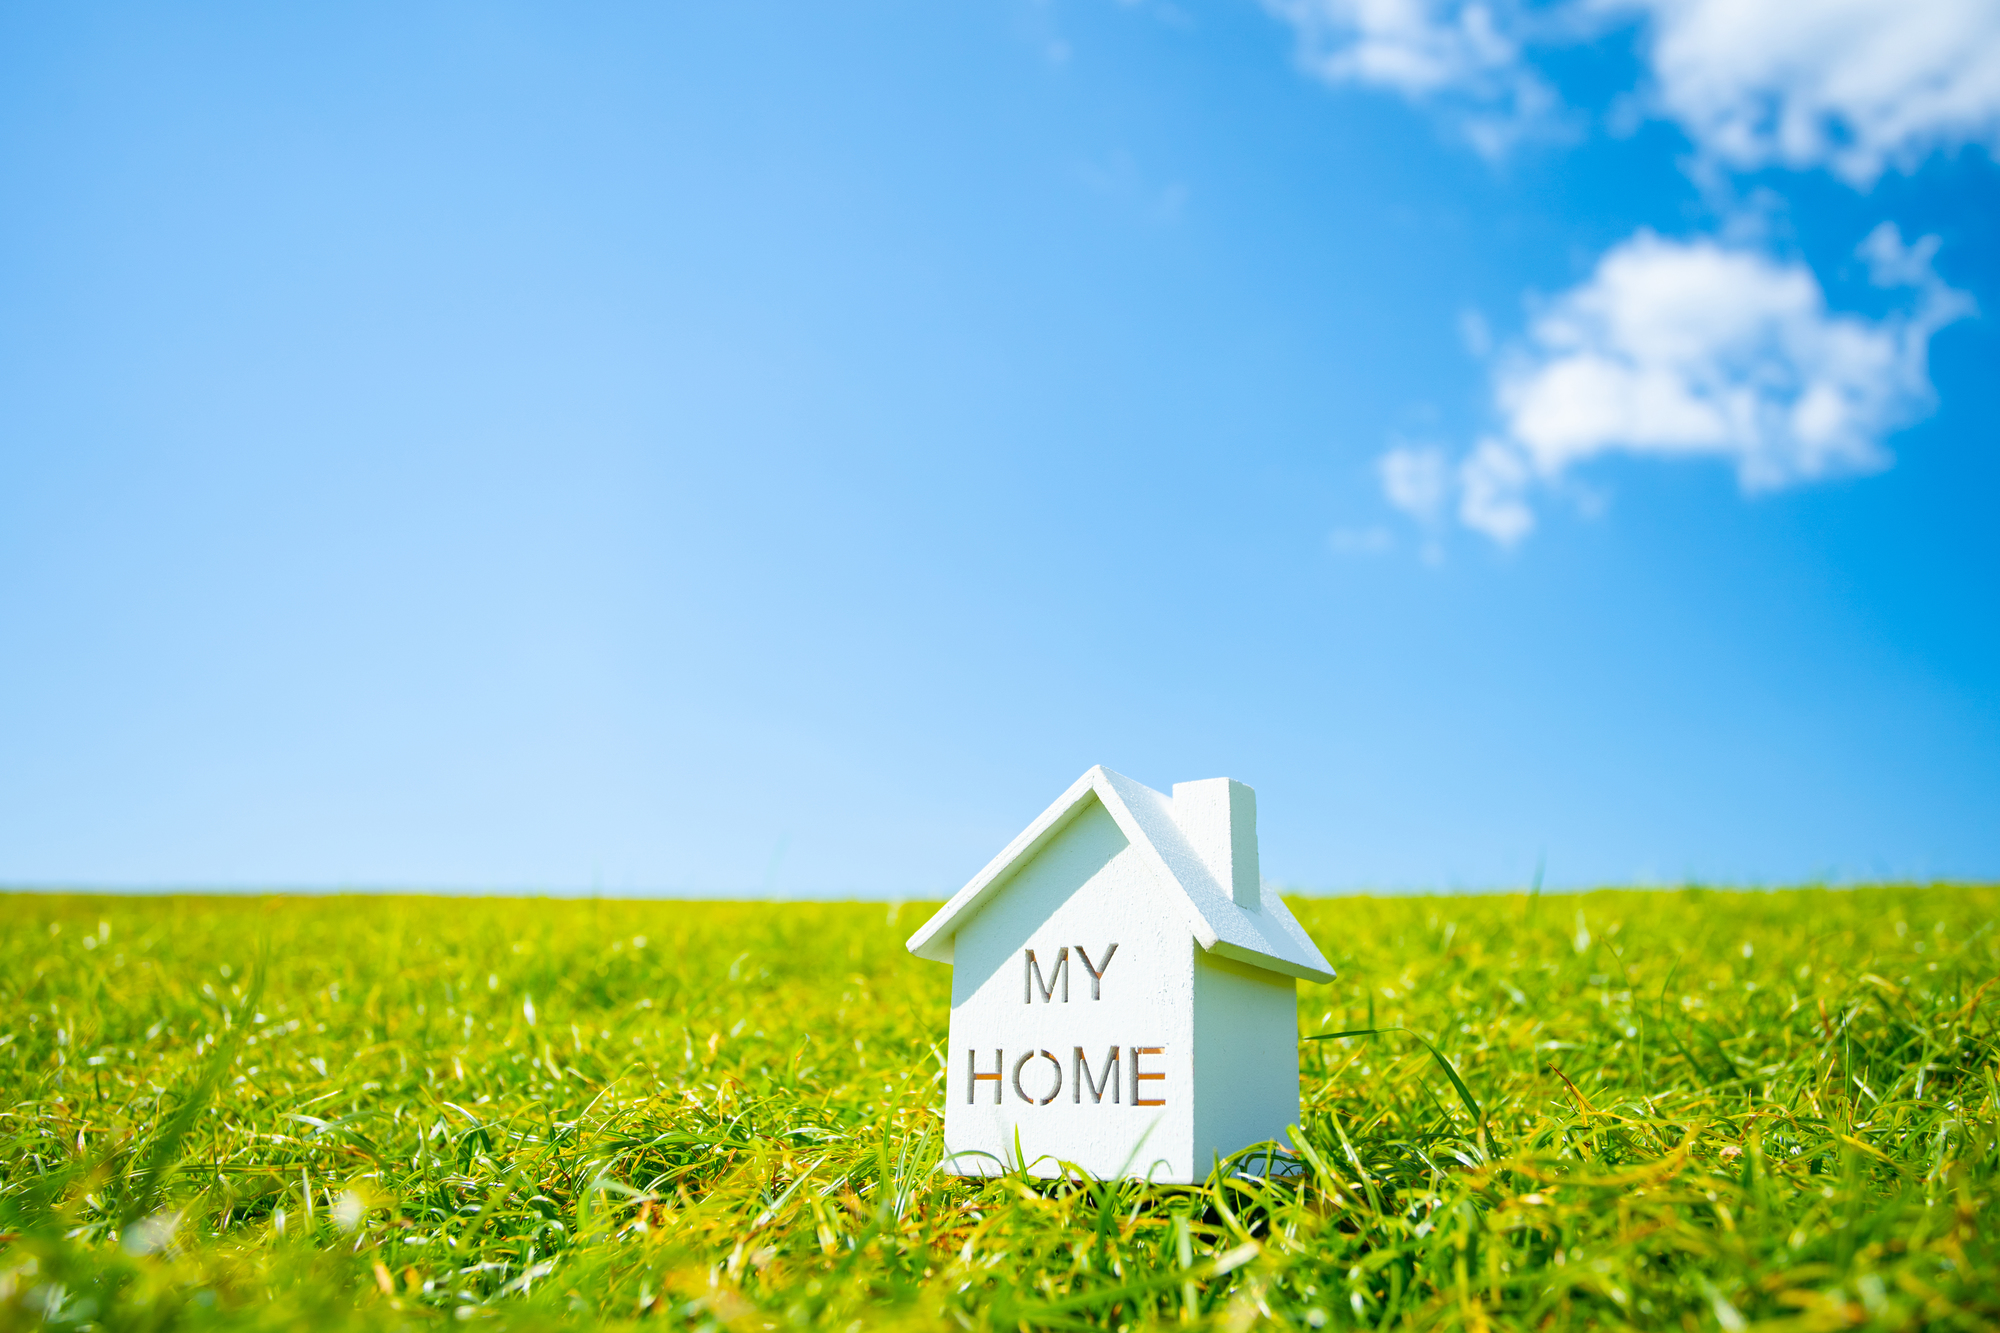 終わらない土地探しに疲れた…土地探しを諦め賃貸住まいとなった家族の実録記